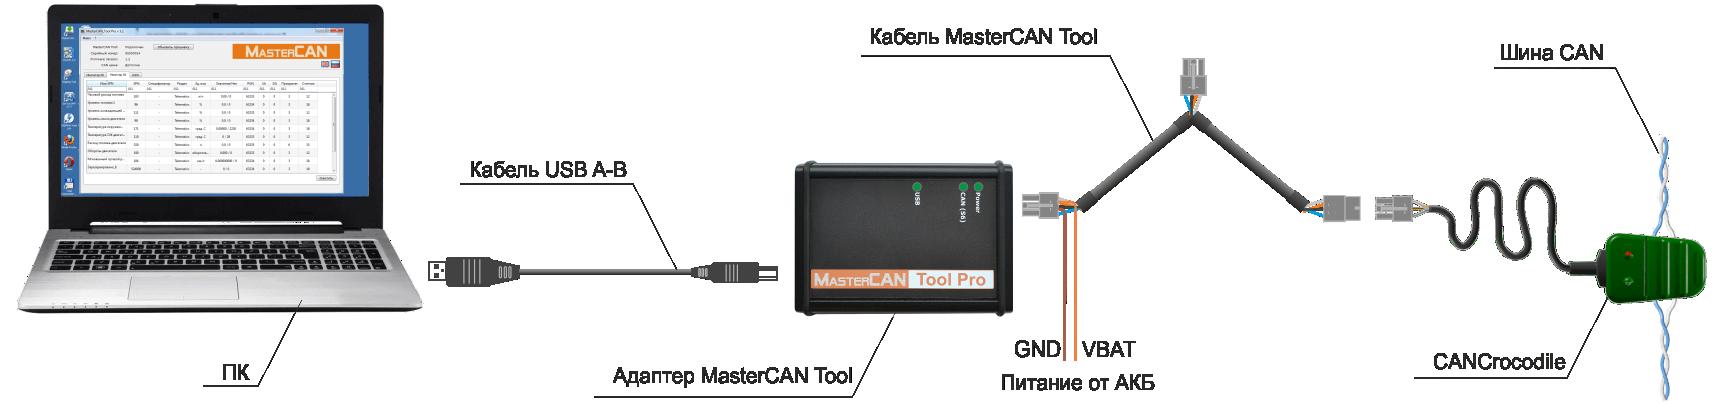 Подключение MasterCAN Tool к шине CAN с помощью CANCrocodile